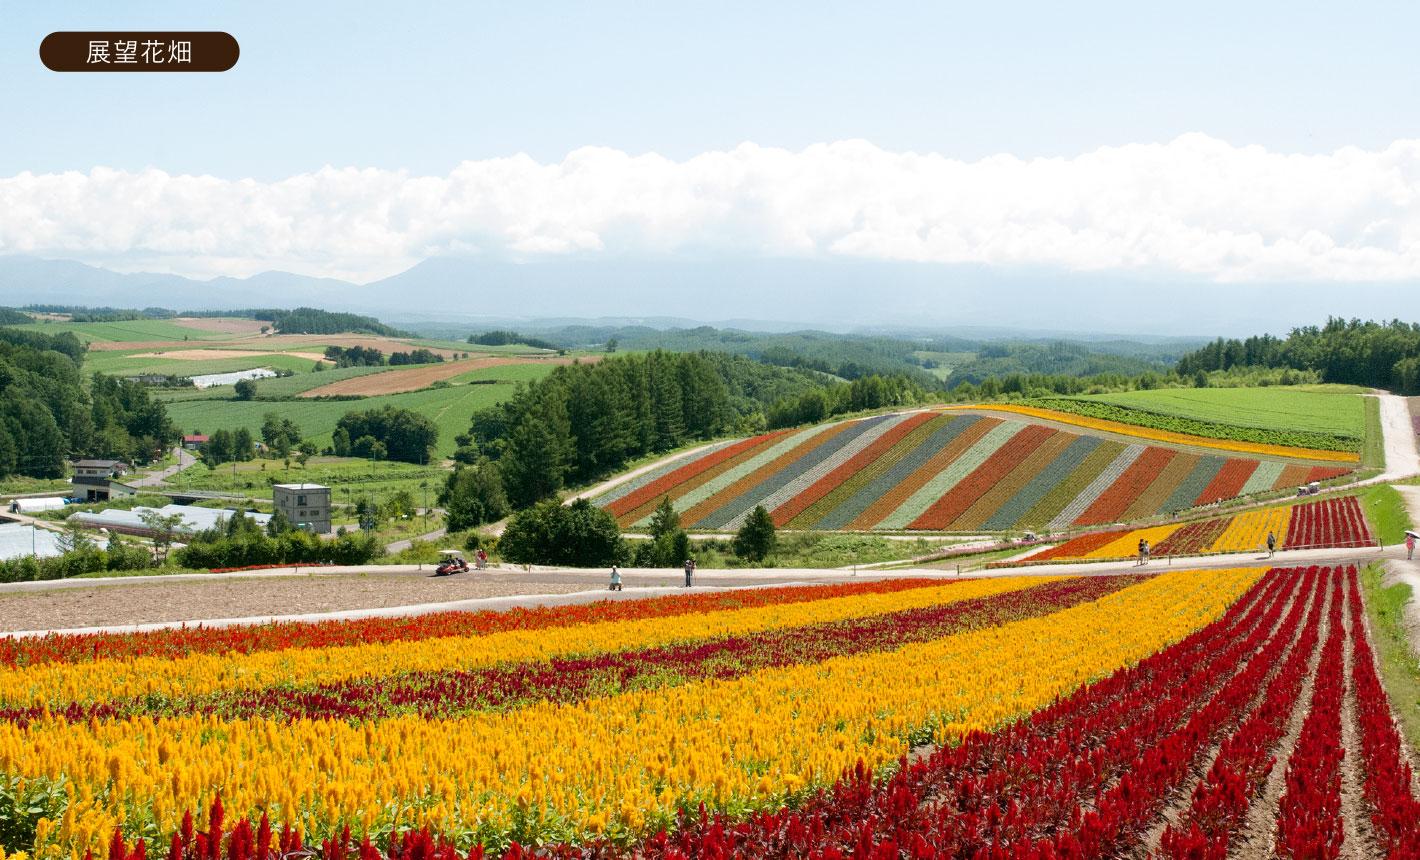 わたしたちについて - 展望花畑 四季彩の丘|北海道美瑛町の観光ガーデン